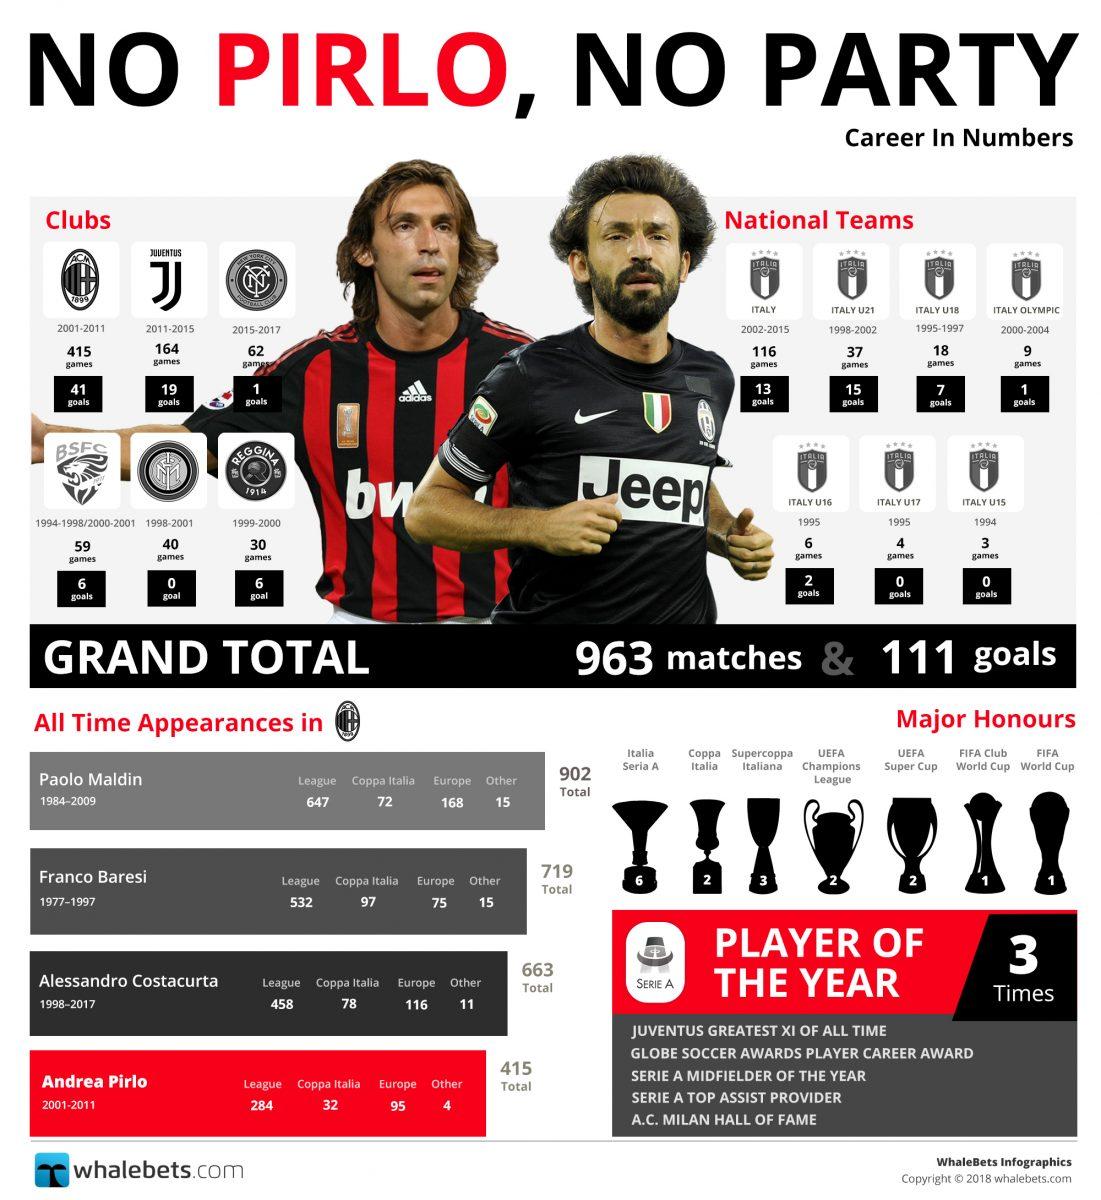 No Pirlo, No Party